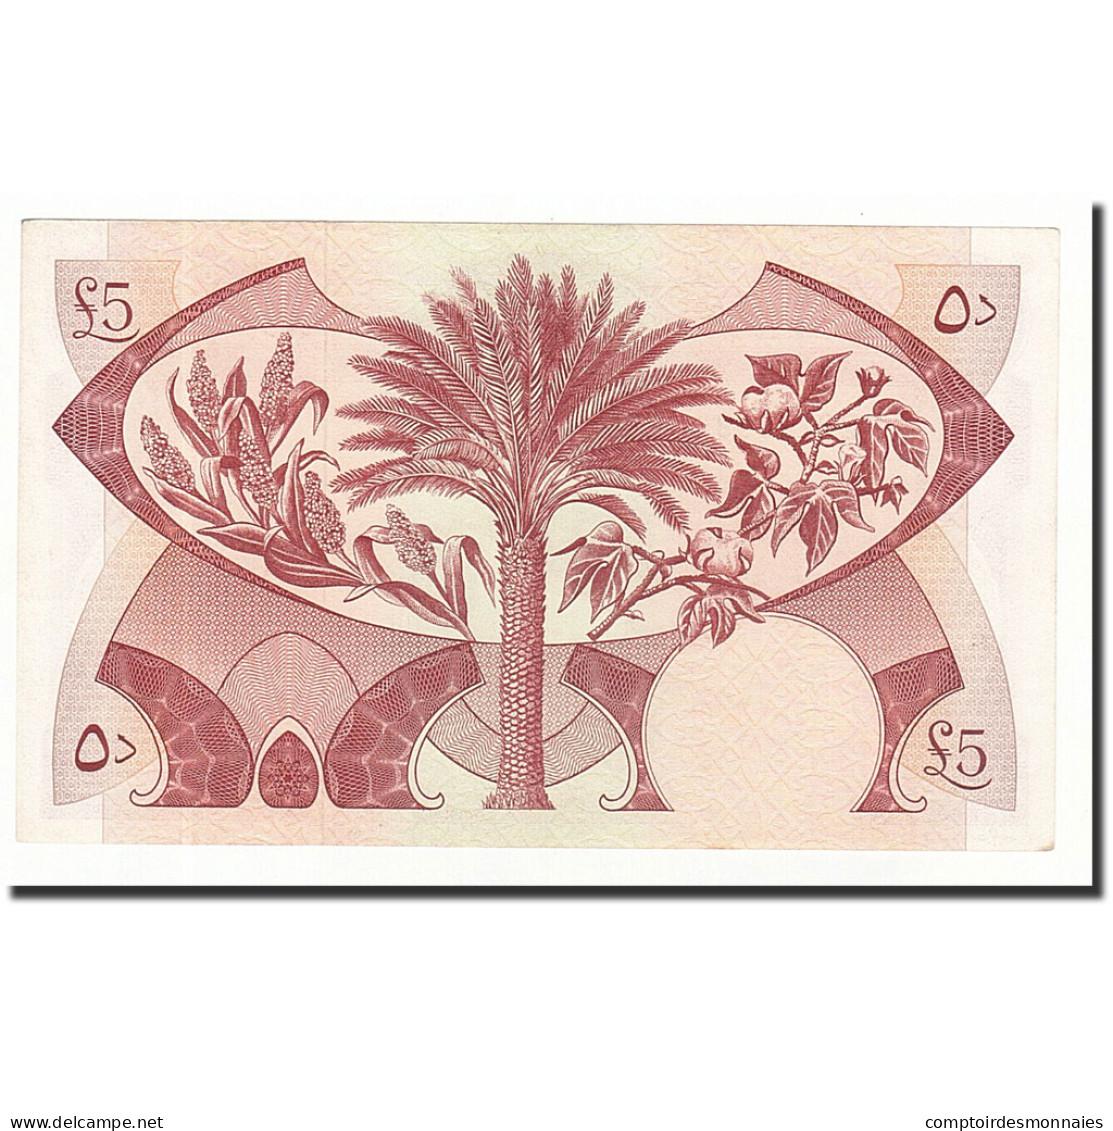 Yemen Democratic Republic, 5 Dinars, Undated (1965), KM:4b, NEUF - Yémen